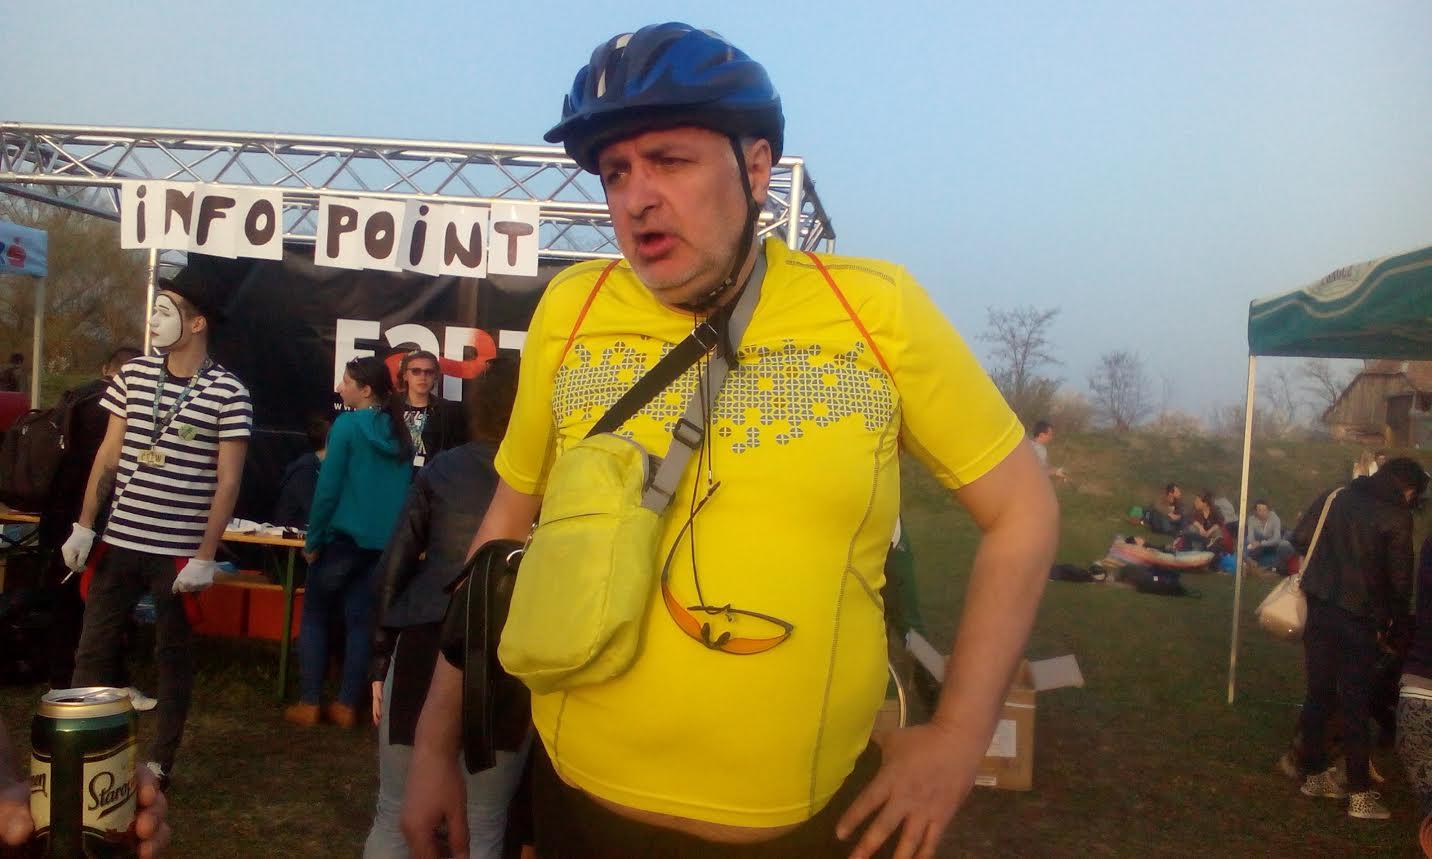 Un clujean a pedalat 83 de km de la Cluj pana in comuna mureşană Bogata pentru Jazz in the Park, fara un picior – FOTO-EXCLUSIV